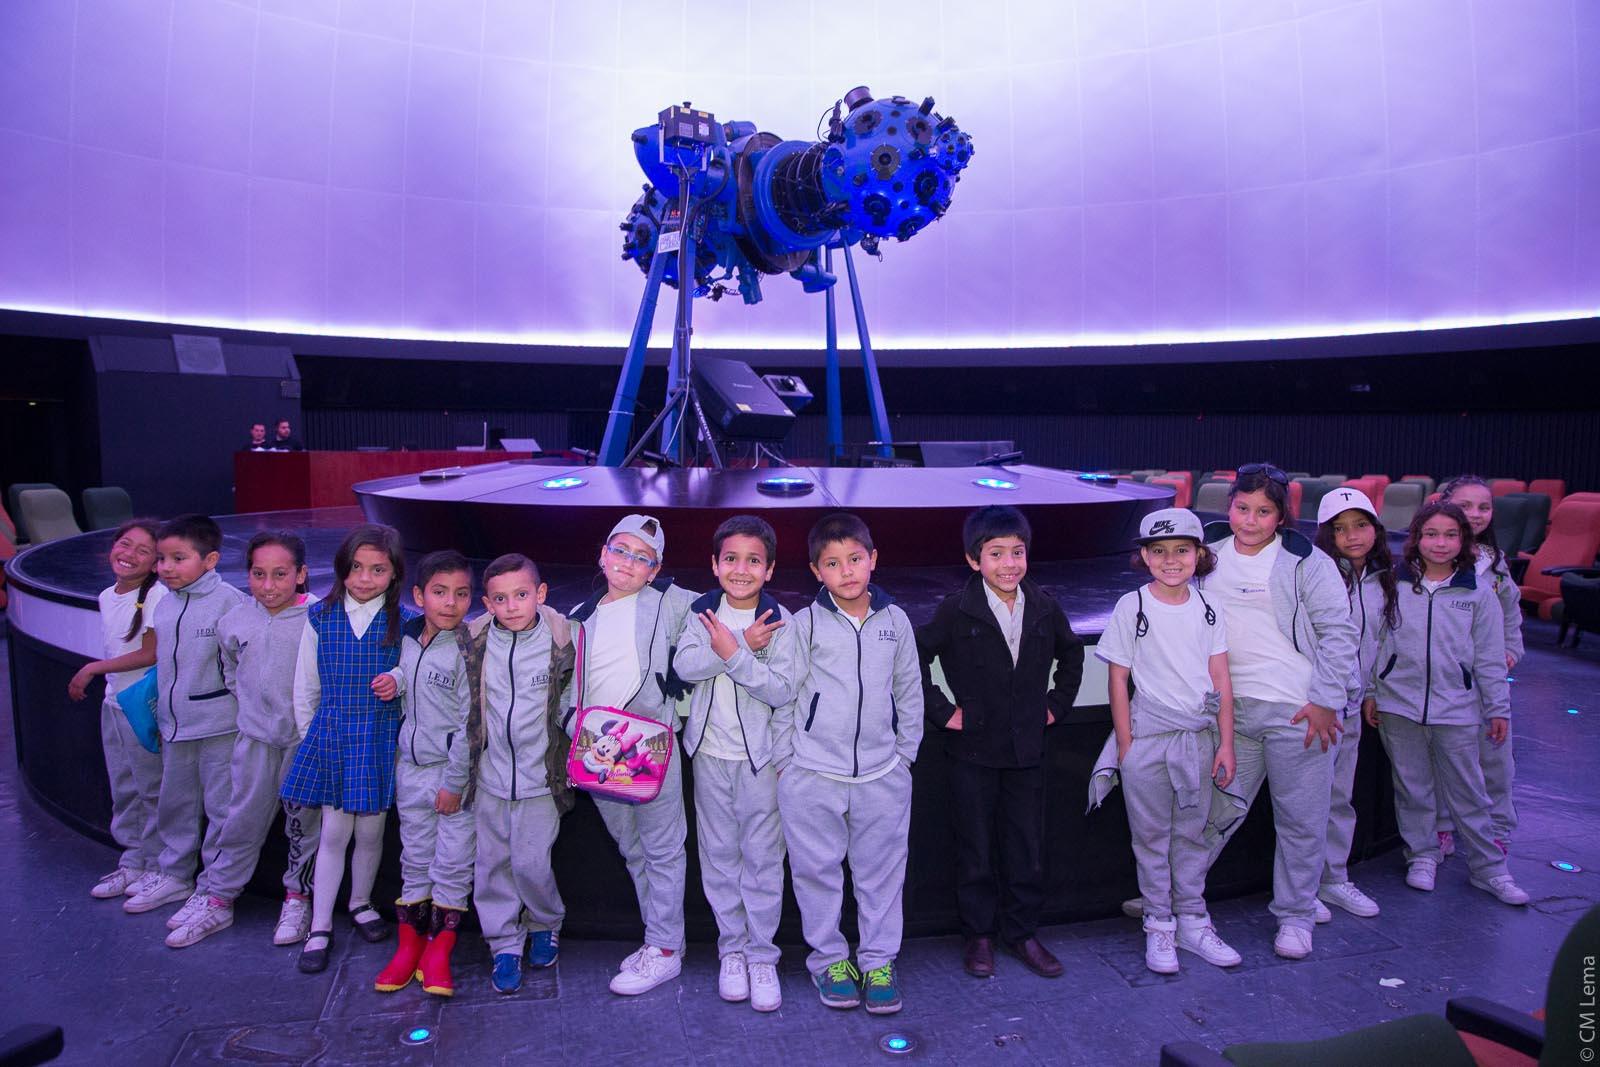 Recorrido de ciudad al Planetario de Bogotá, 2018